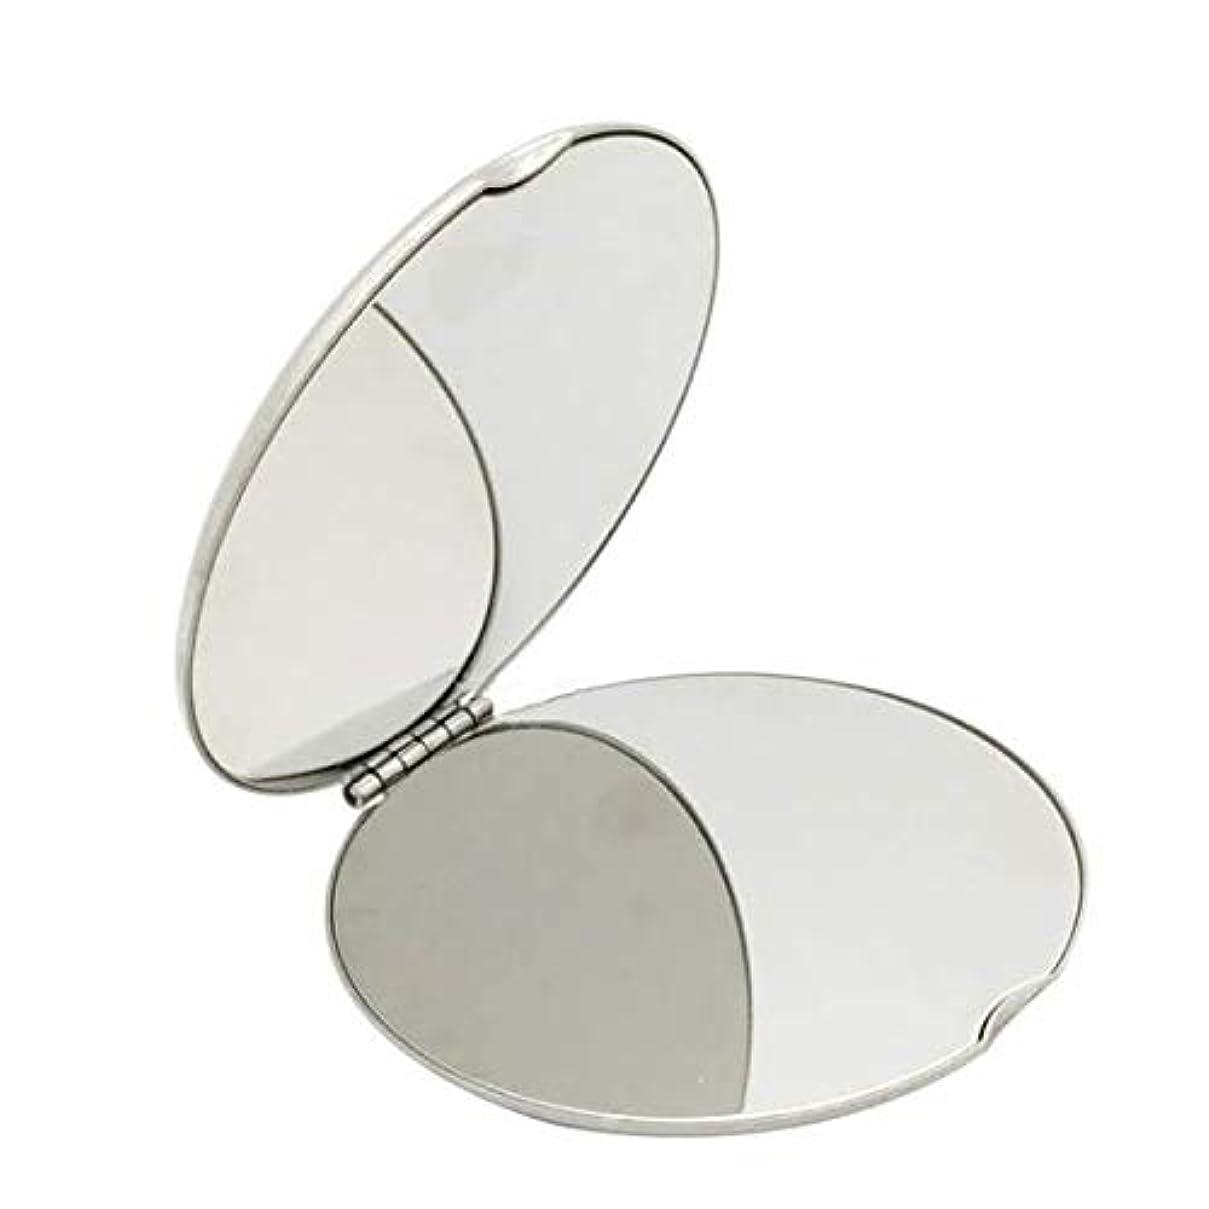 マイクロプロセッサ本会議可能性飛散防止化粧鏡ステンレス鋼 化粧鏡おすすめ 携帯用ミラー化粧用鏡(ラウンド)